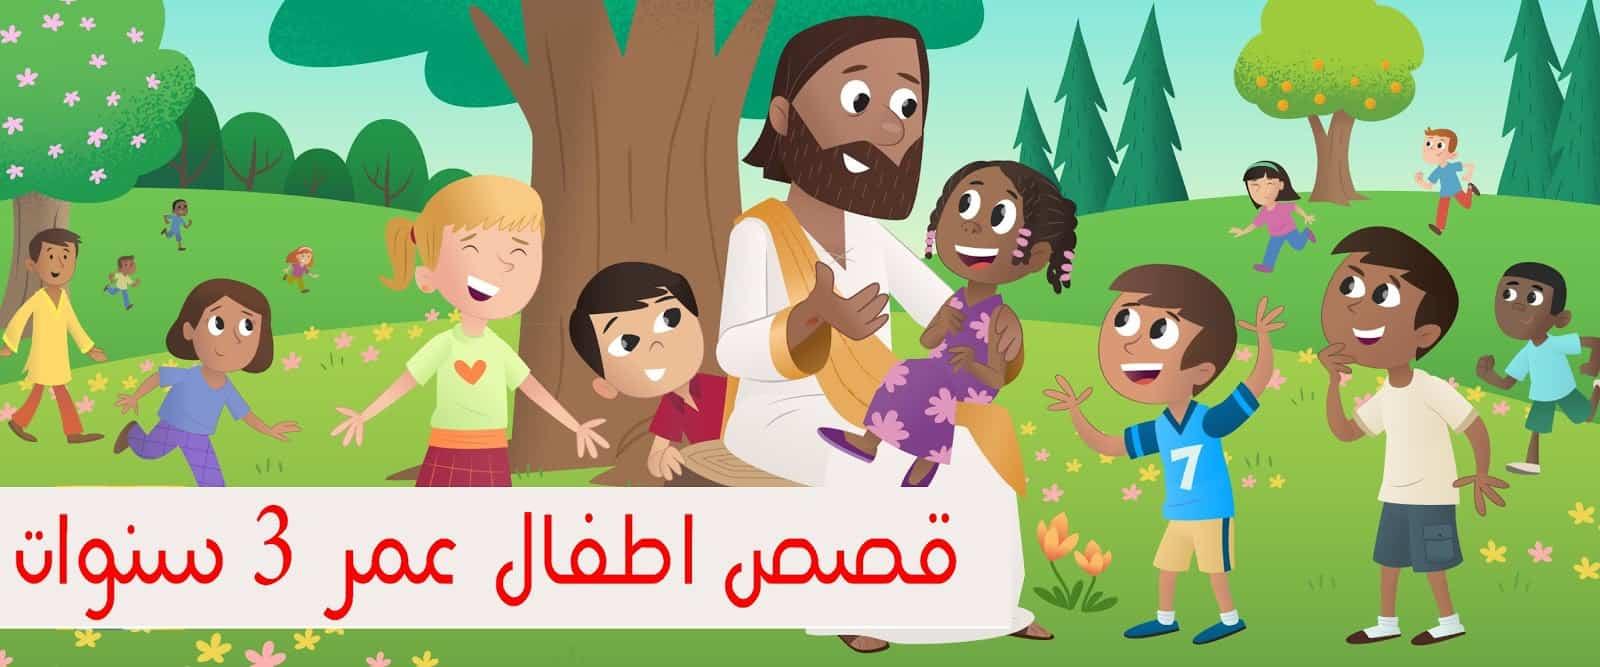 بالصور قصص اطفال قصيرة بالصور , اسماء قصص قصيرة مسلية للاطفال 5671 1